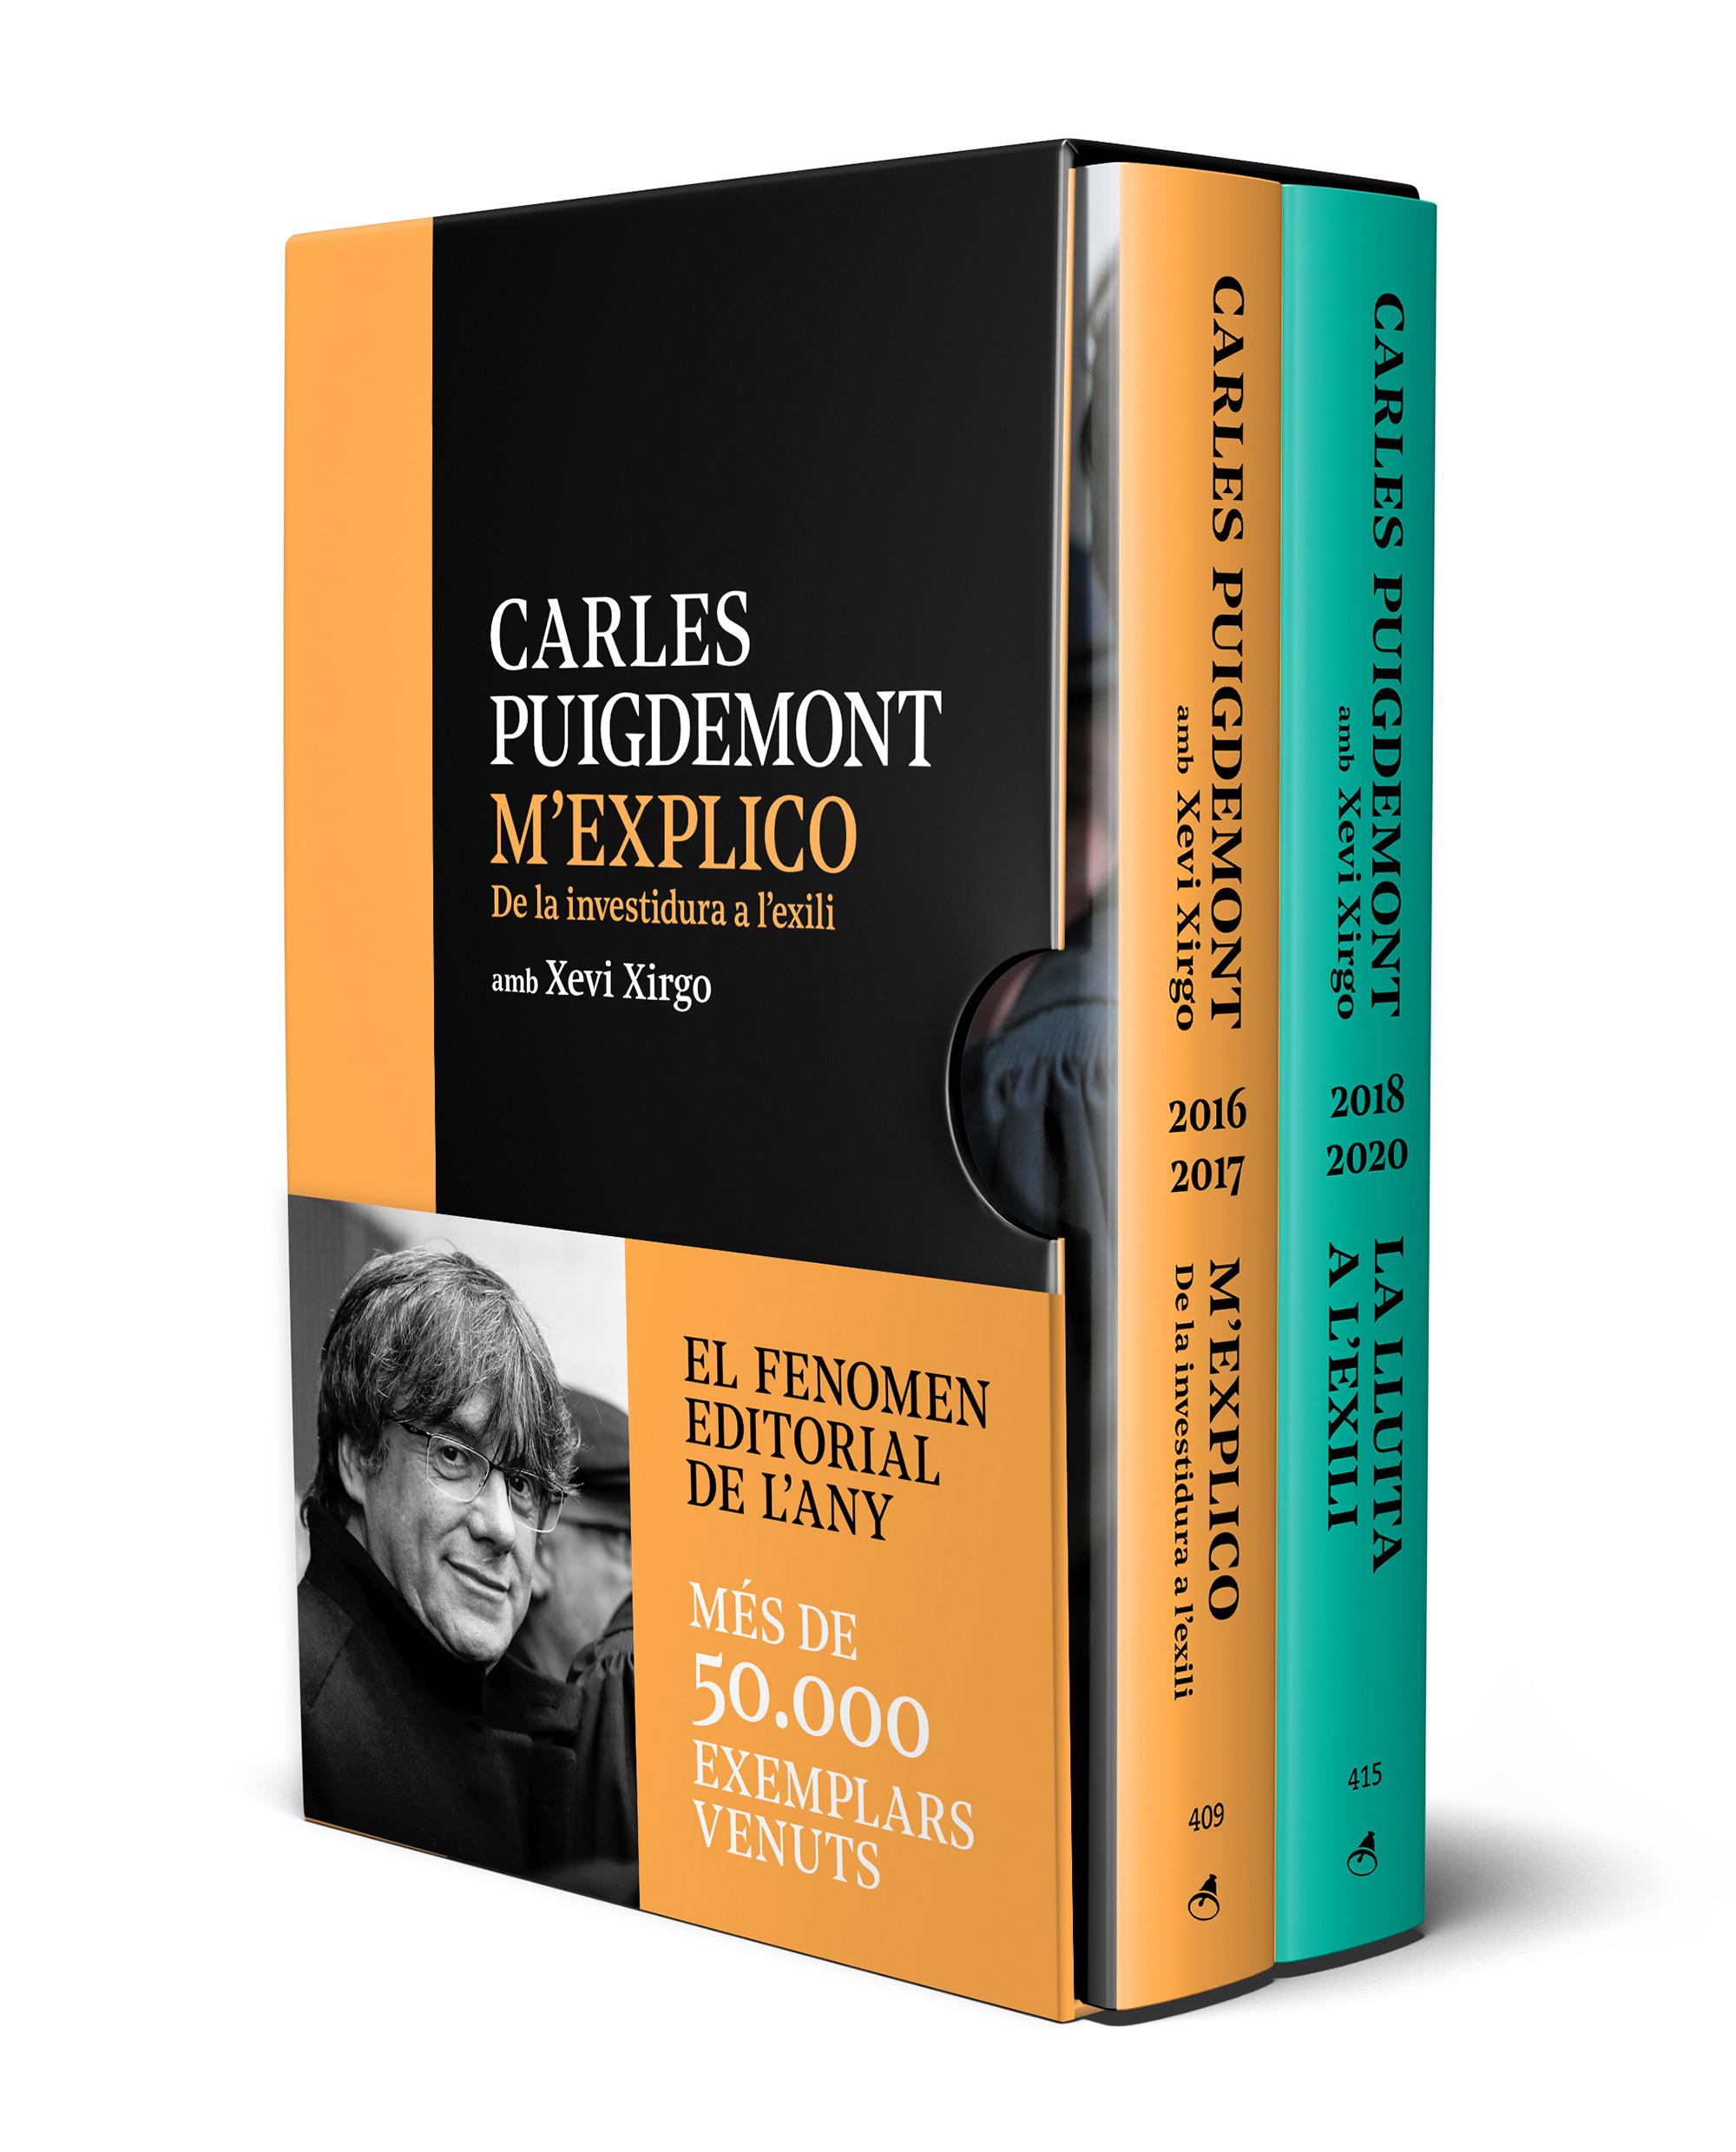 Edició especial (estoig amb M'explico | La lluita a l'exili)